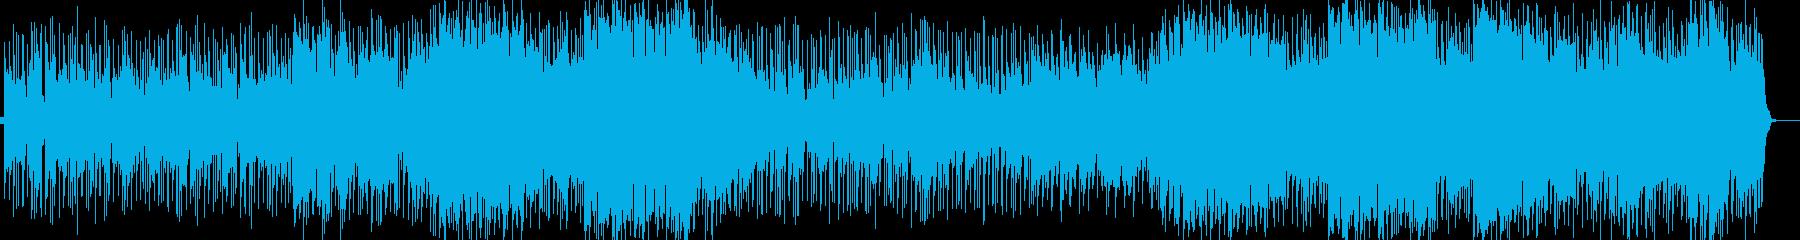 aiko「カブトムシ」風の、ミディアム…の再生済みの波形